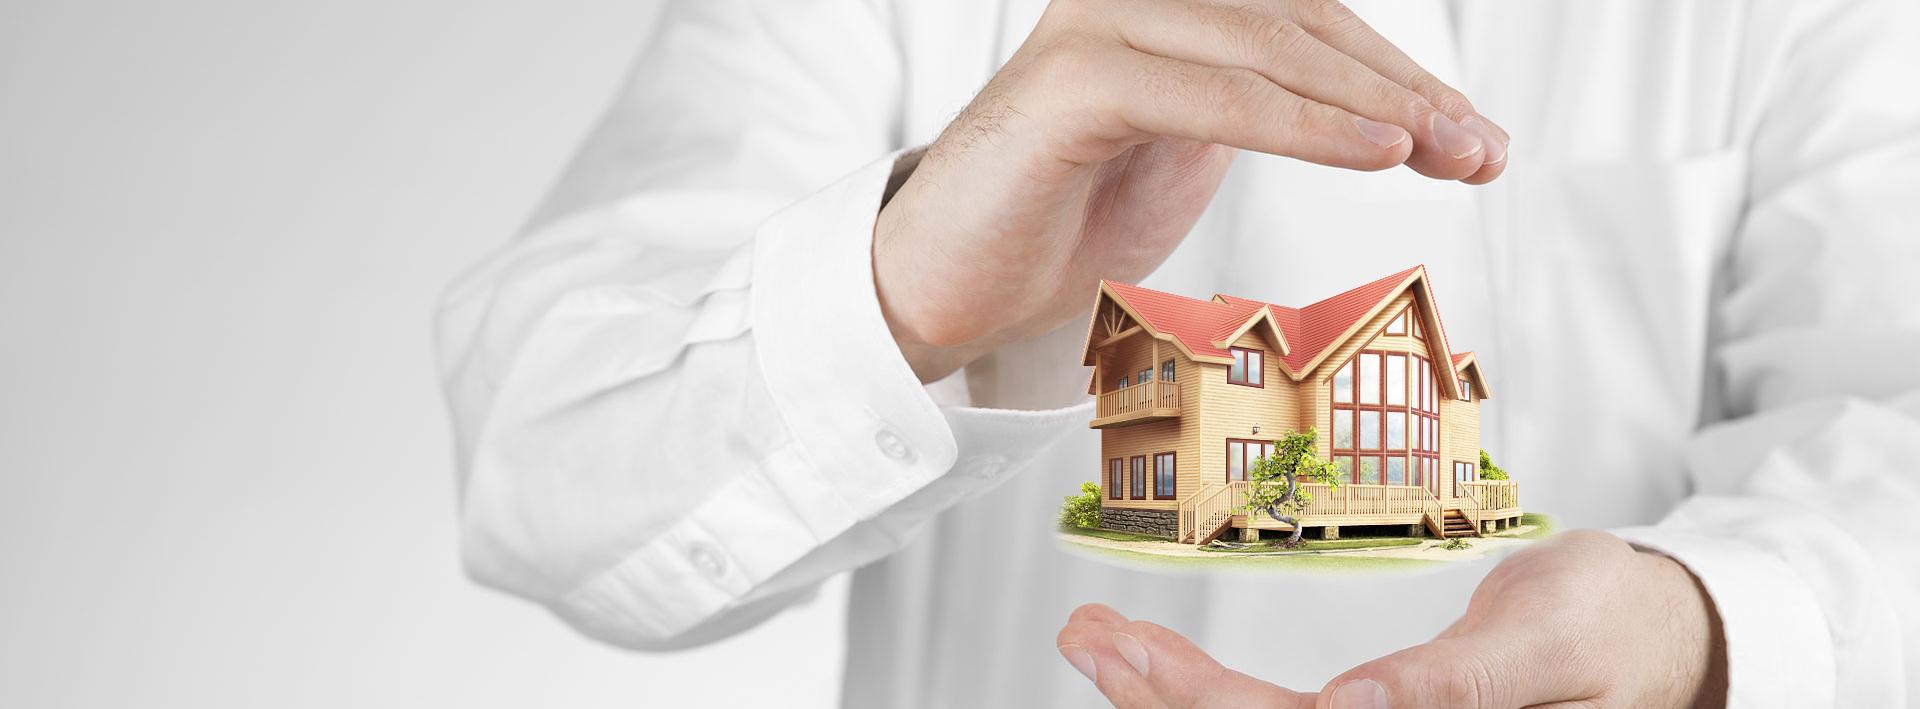 Страхование недвижимости картинка